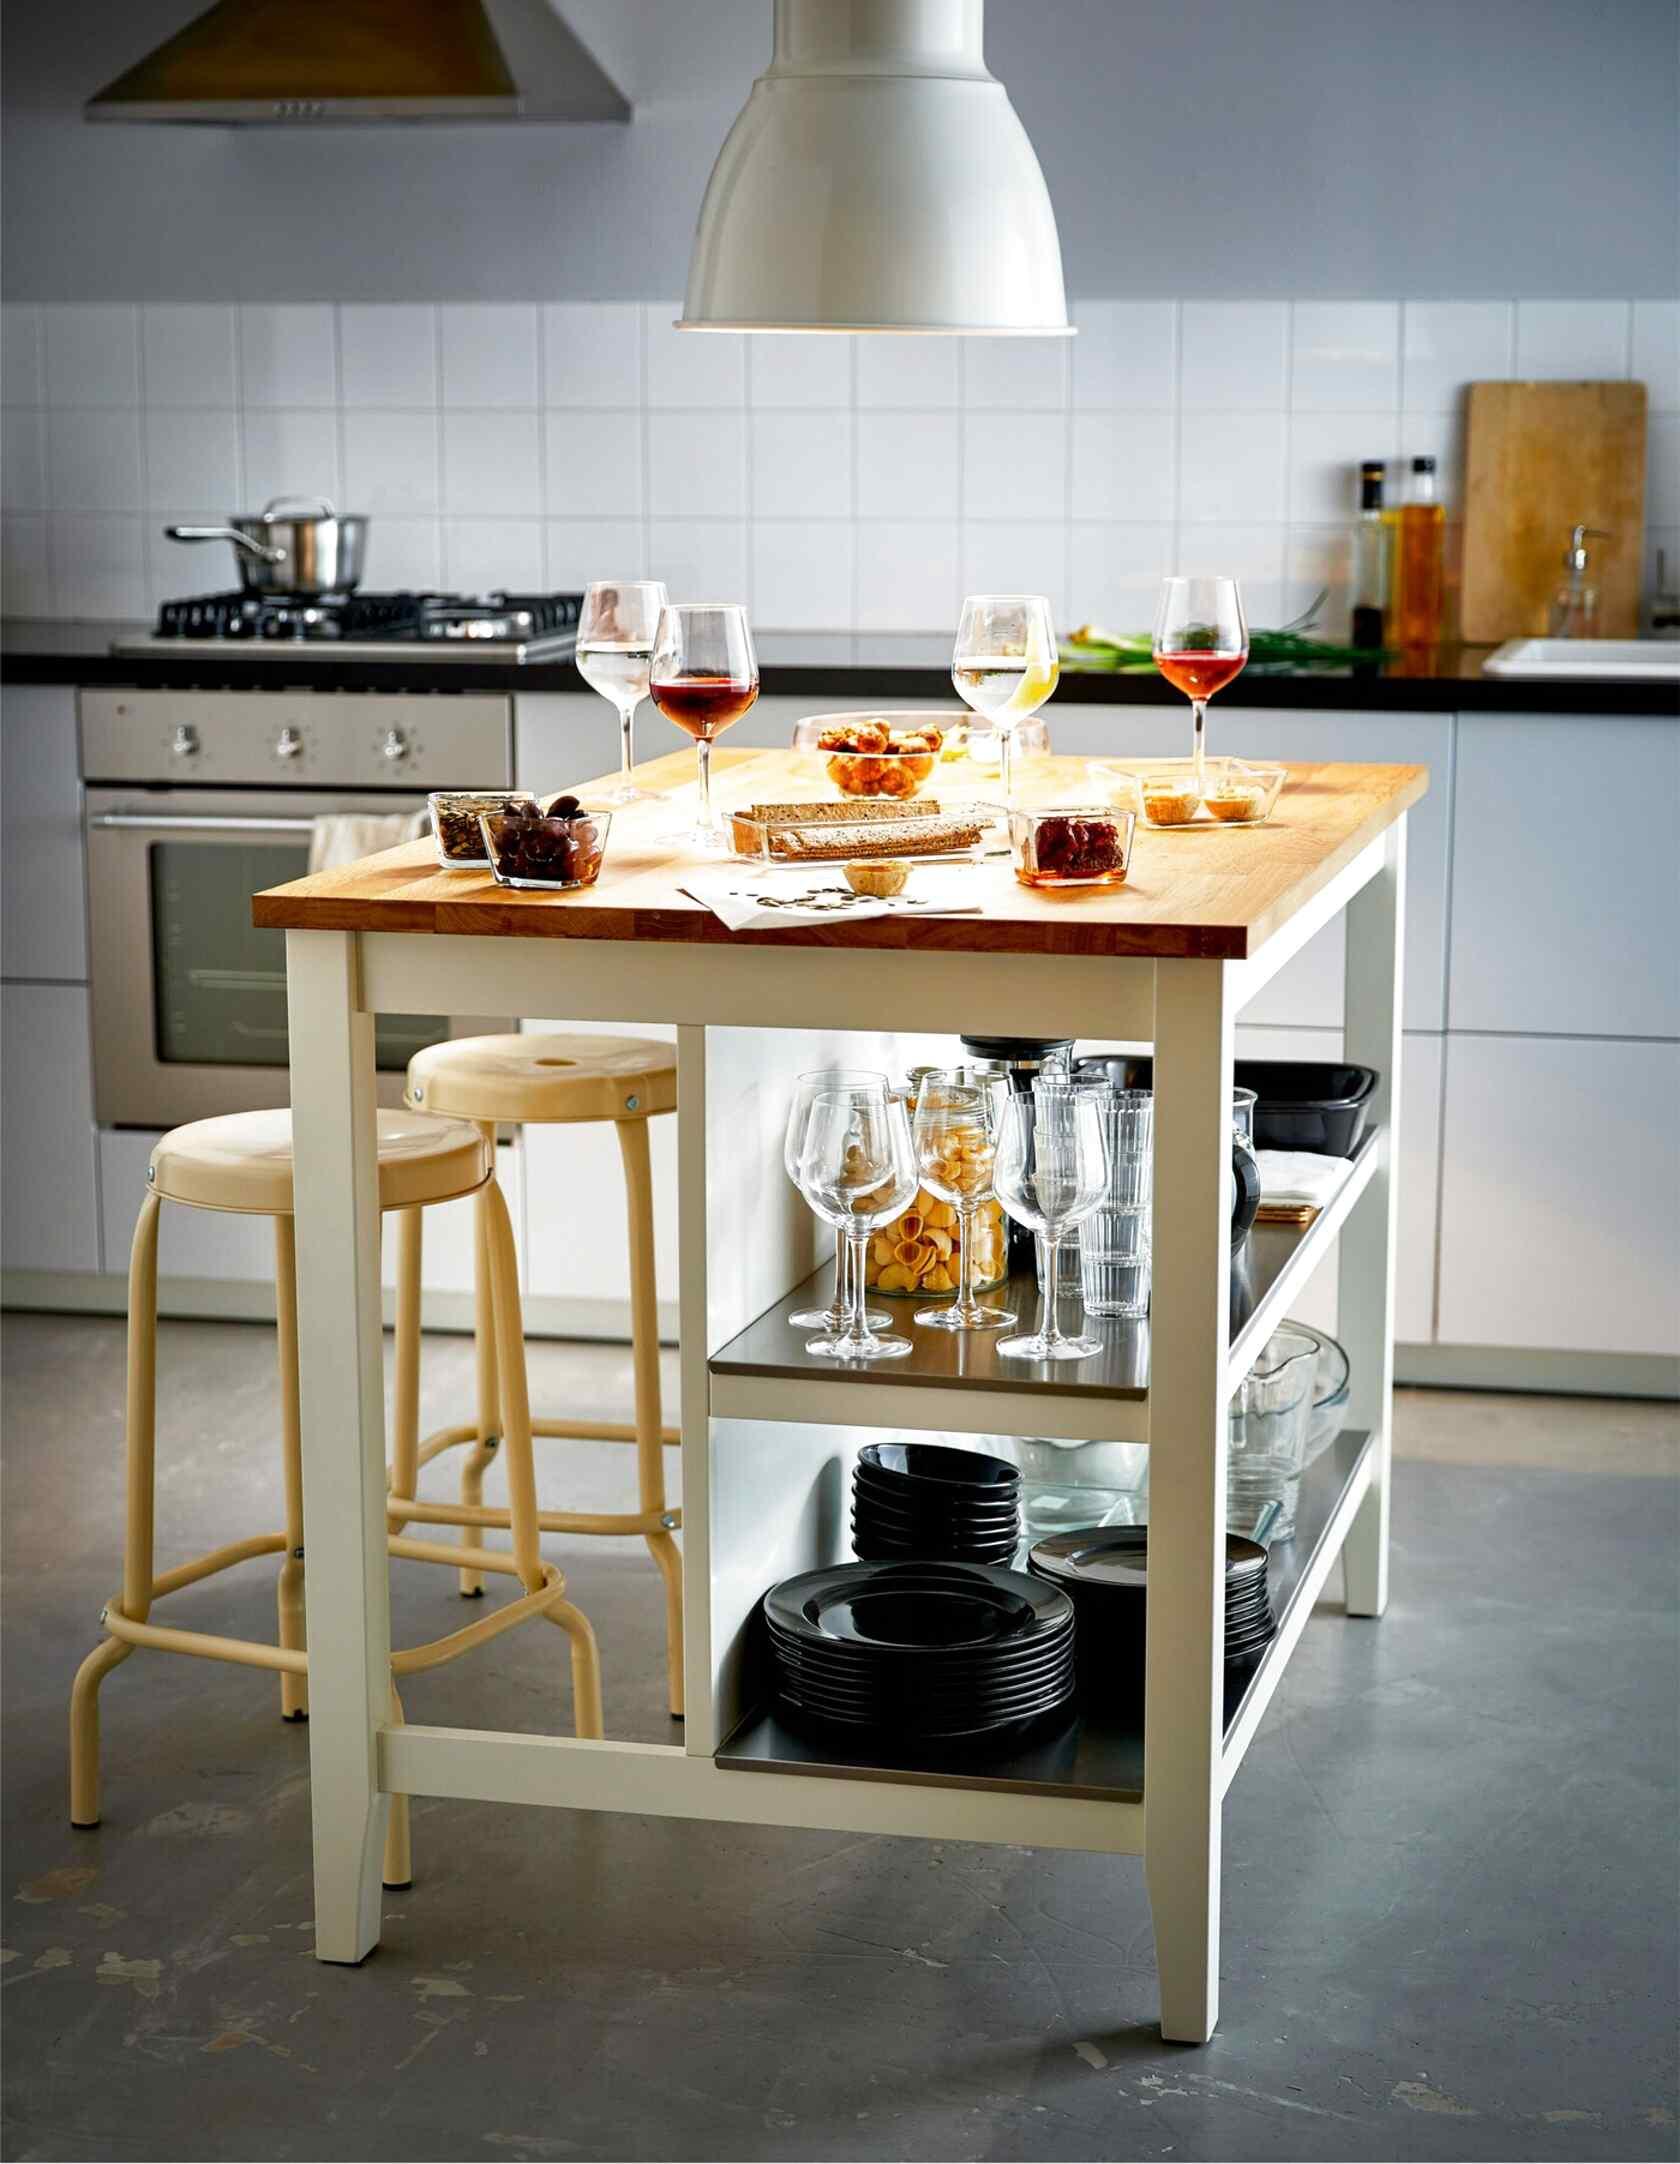 Kucheninsel Ikea gebraucht kaufen Nur 4 St. bis  75 günstiger